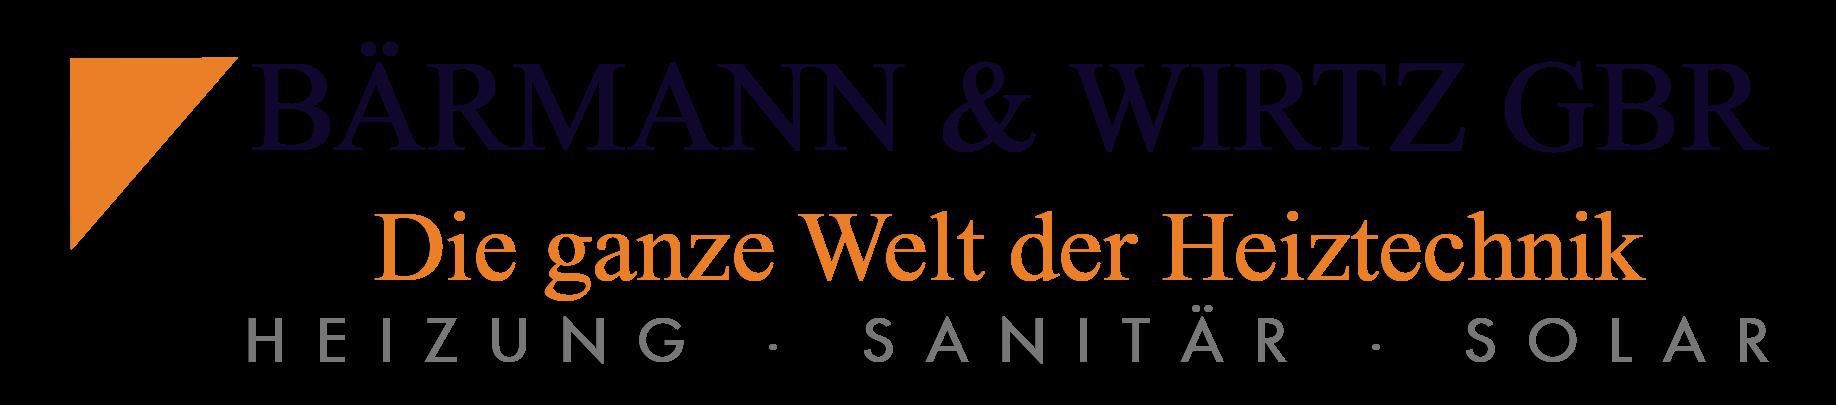 Bärmann und Wirtz